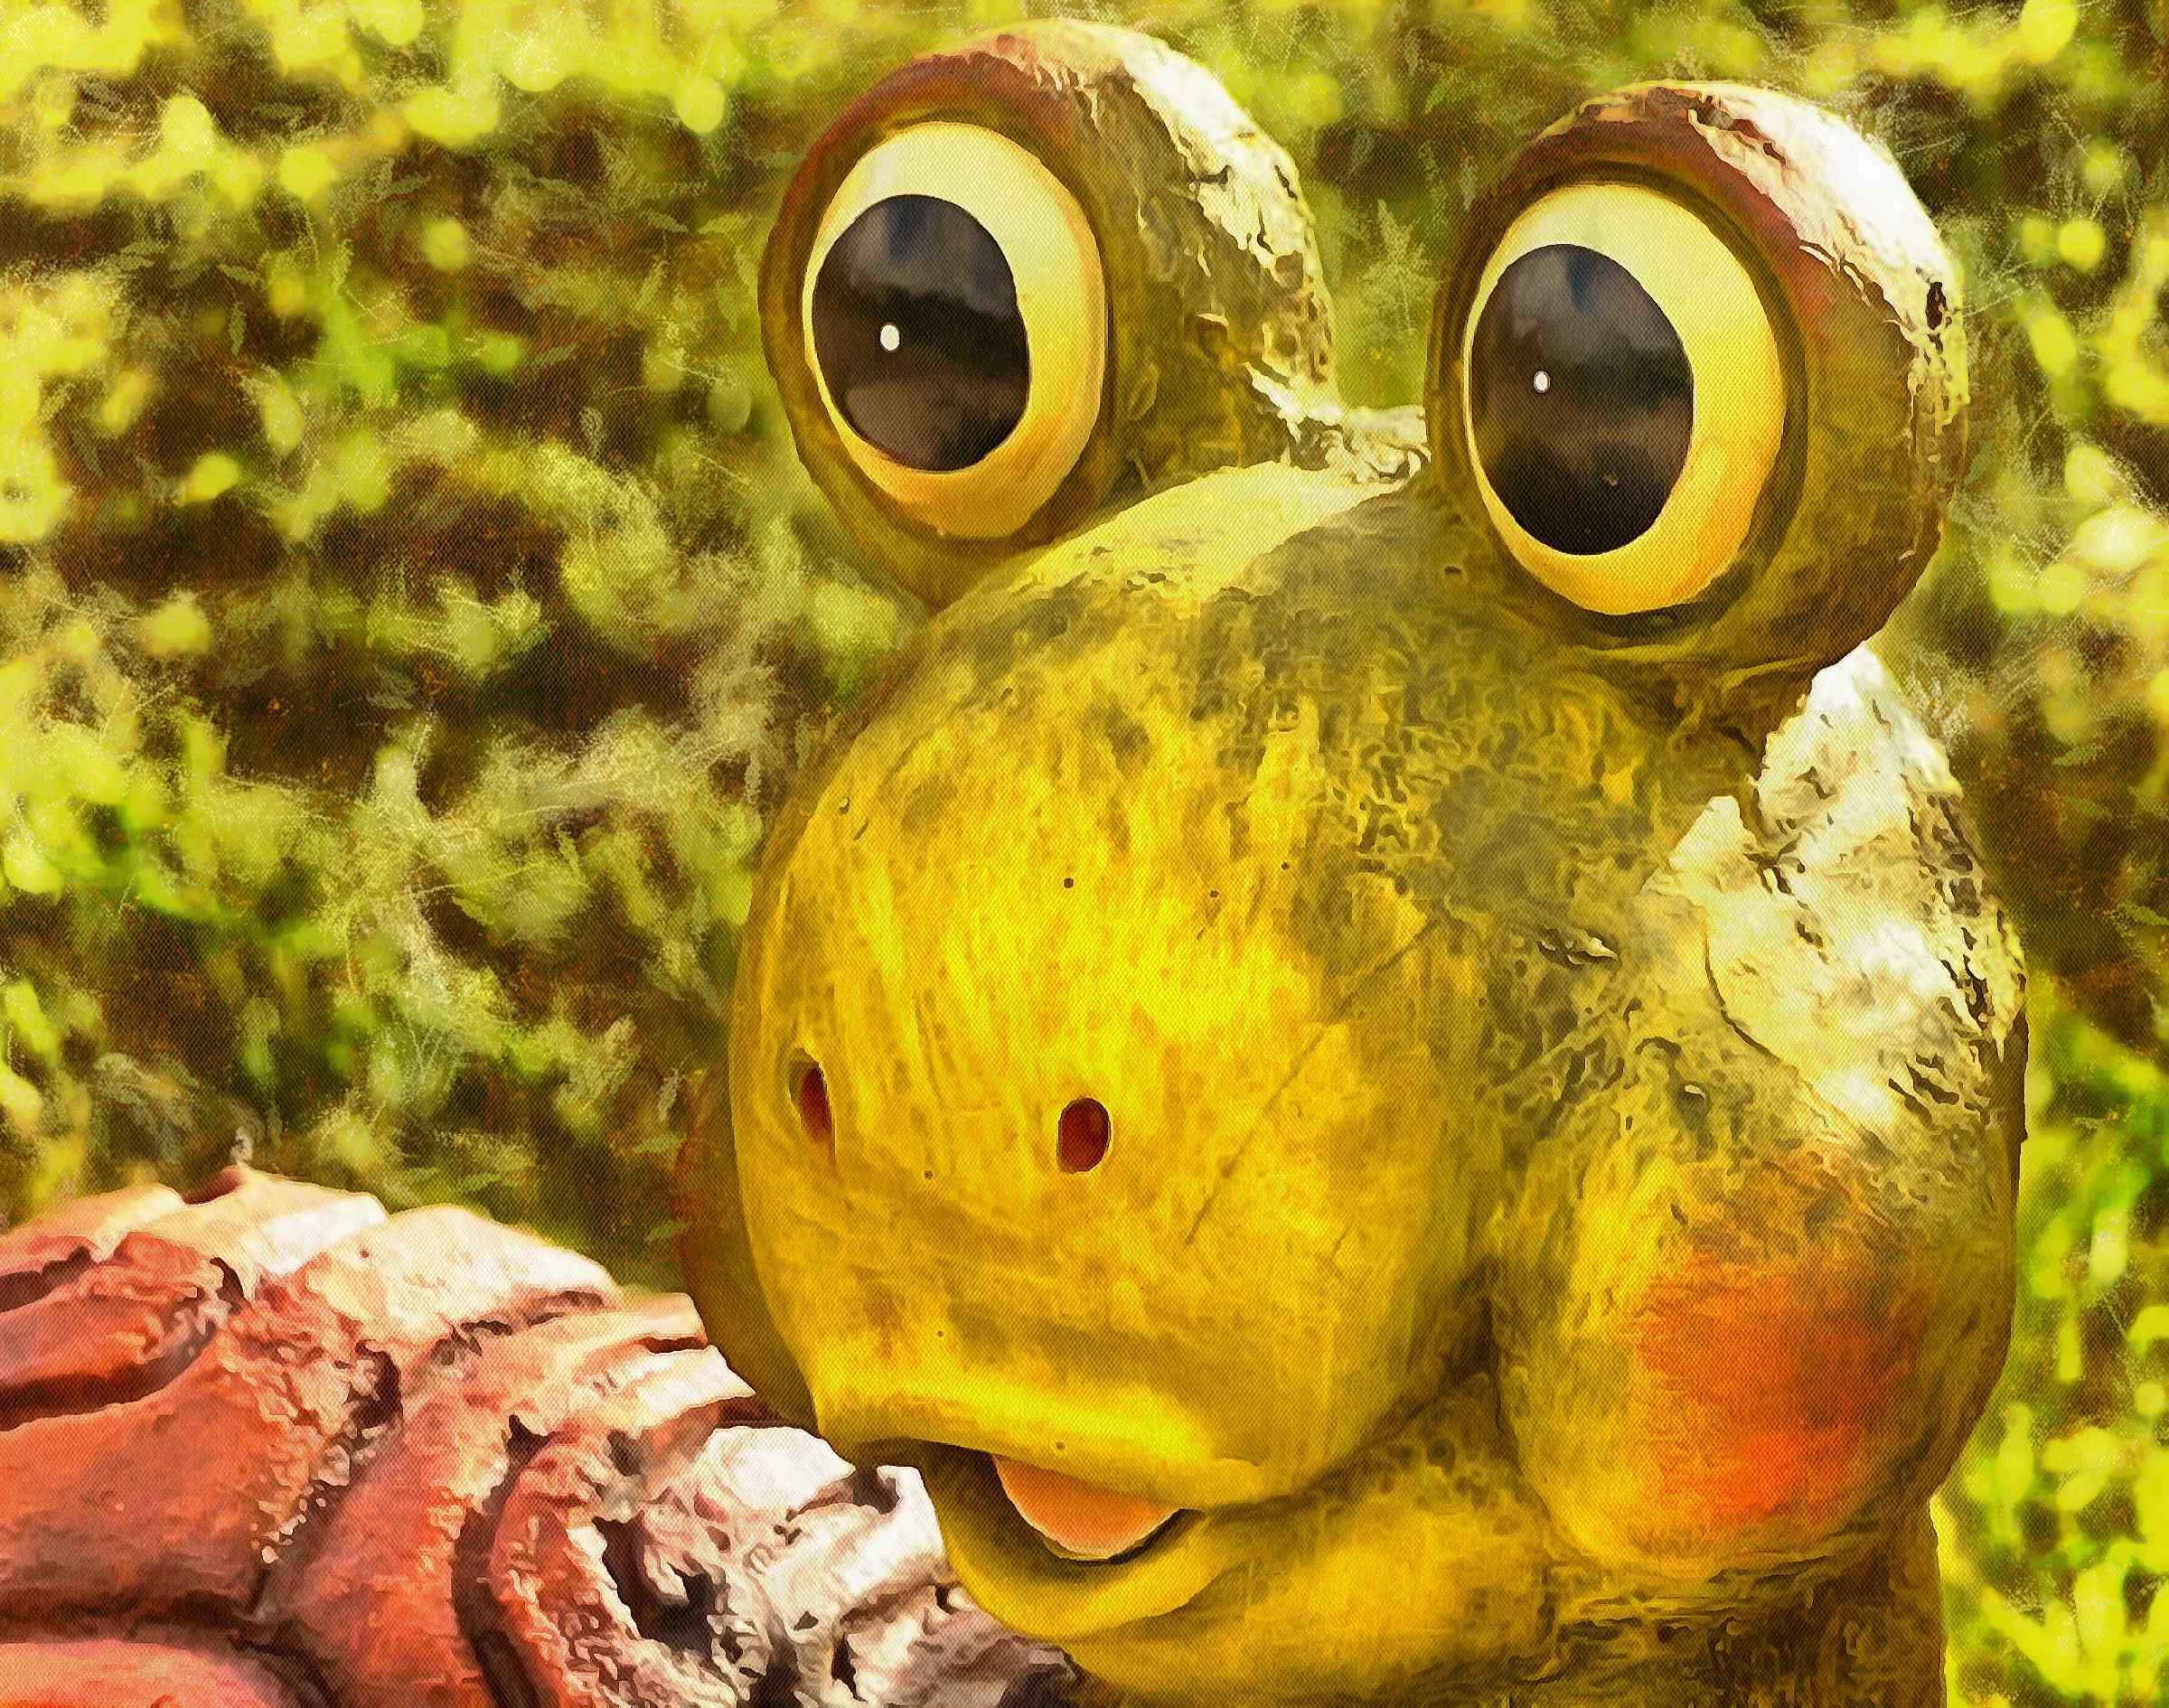 Turtle free images, tortoise free images, chelonian, leatherback, loggerhead, turtle, tortoise – Turtle free images, Tortoise free images, Turtle stock free images, Download free images turtles, turtle public domain images, tortoise public domain images!